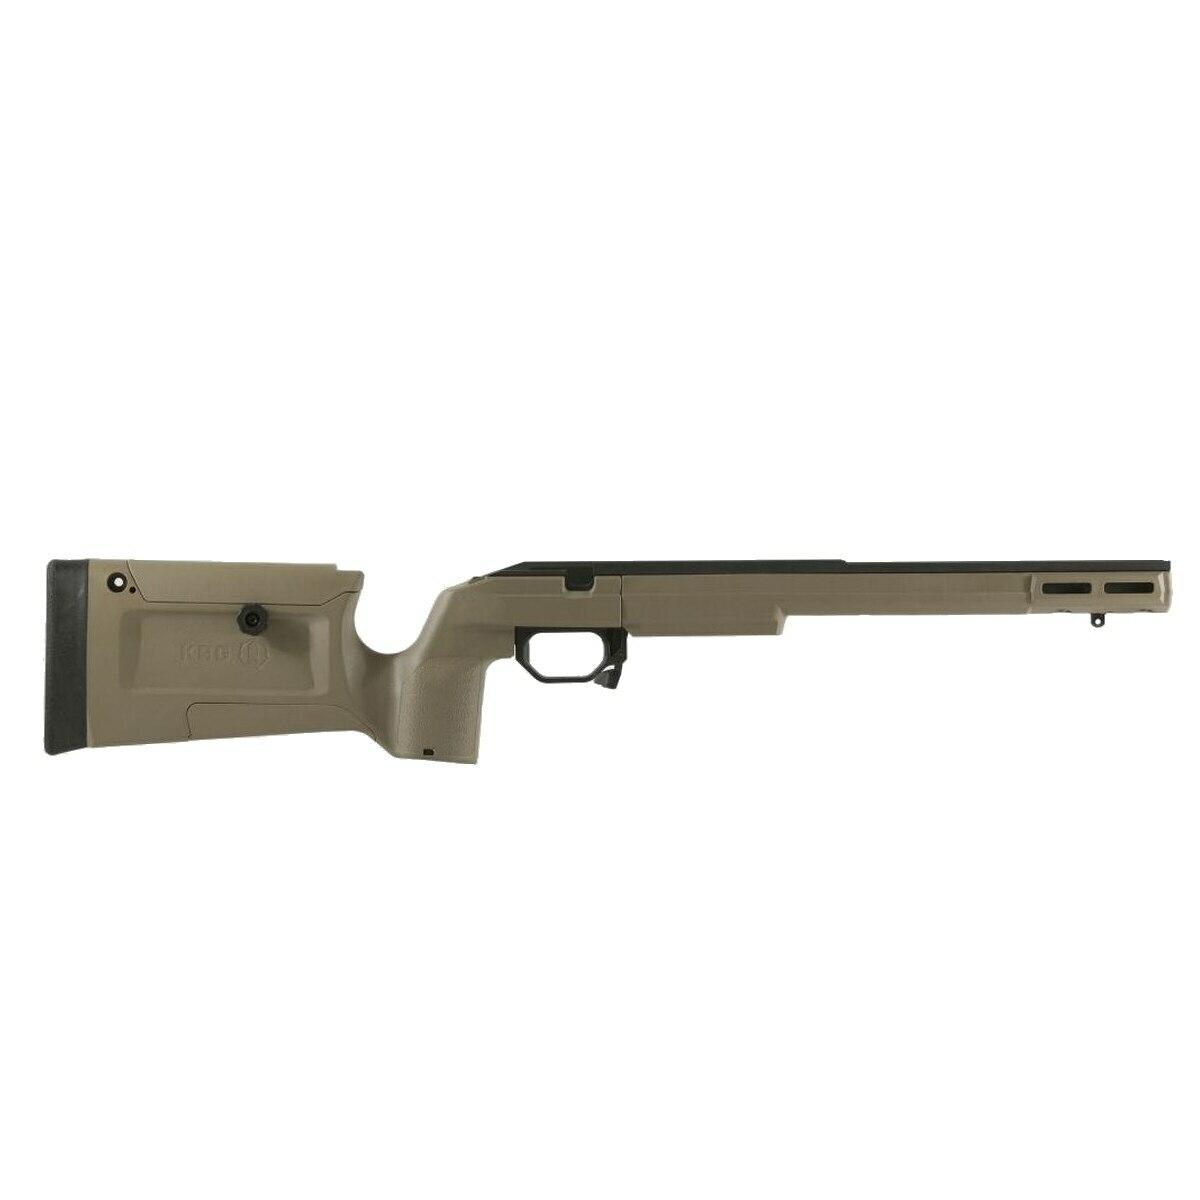 KRG Bravo Rifle Chassis Remington 700 SA FDE